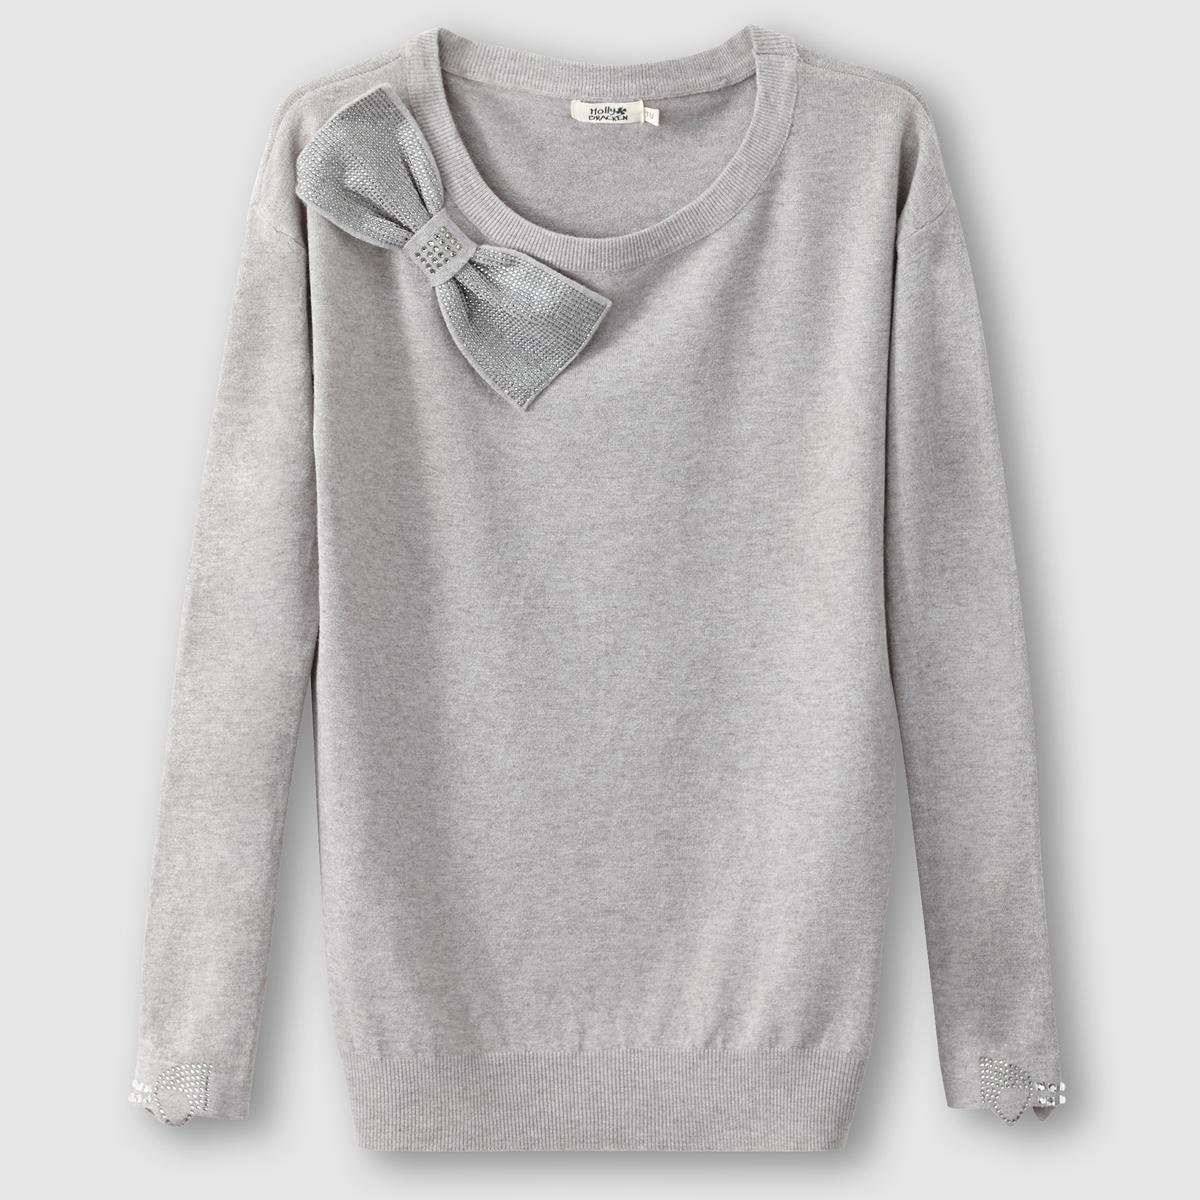 Пуловер с круглым вырезом и оригинальным рисункомПуловер с длинными рукавами   MOLLY BRACKEN . Пуловер комфортного прямого покроя. Круглый вырез. Оригинальный орисунок на плече . Состав и описание :Материал : 55% растительных волокон, 45% полиэстера Марка : MOLLY BRACKEN.<br><br>Цвет: серый